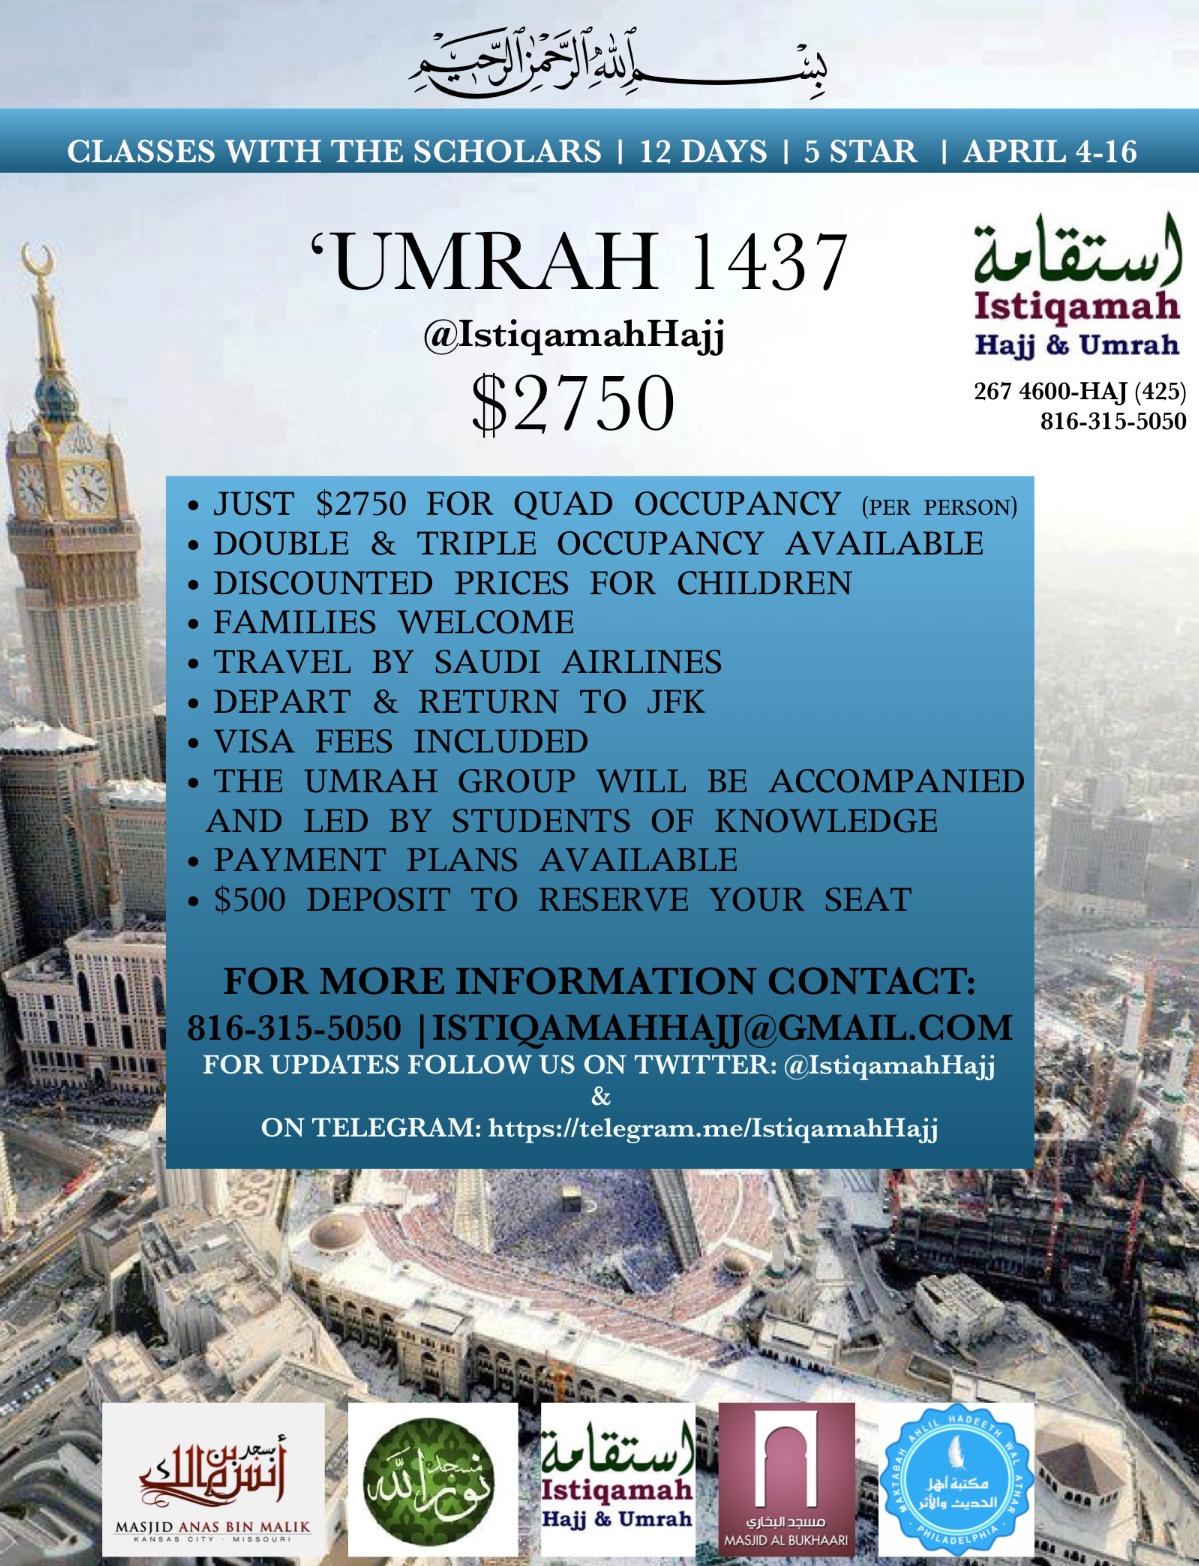 'Umrah 1437 with Istiqamah Hajj